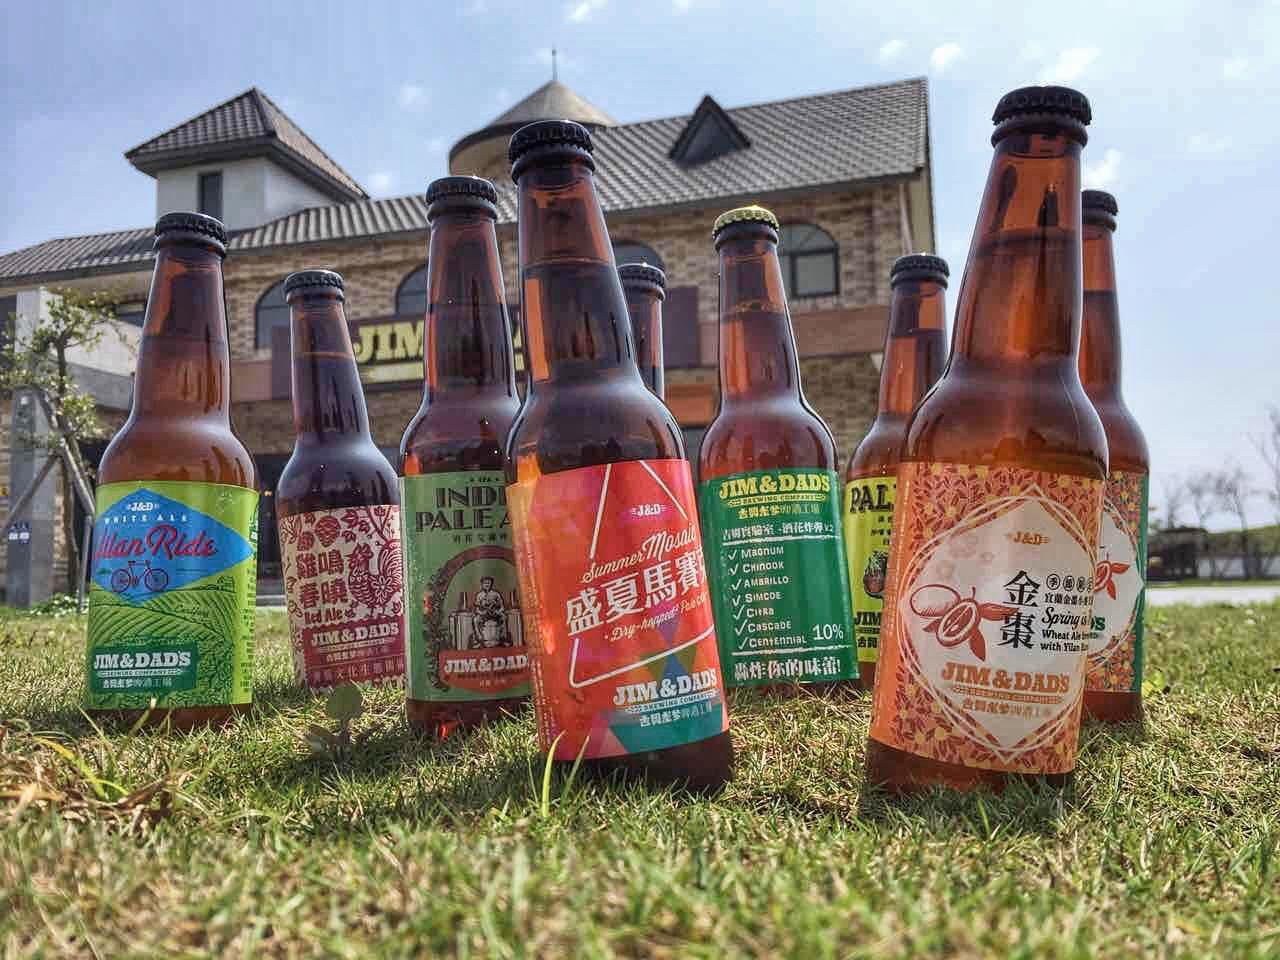 【狂翻天】10家精釀啤酒 +「烤全豬!」宜蘭今夏最狂啤酒節,你參加了沒?